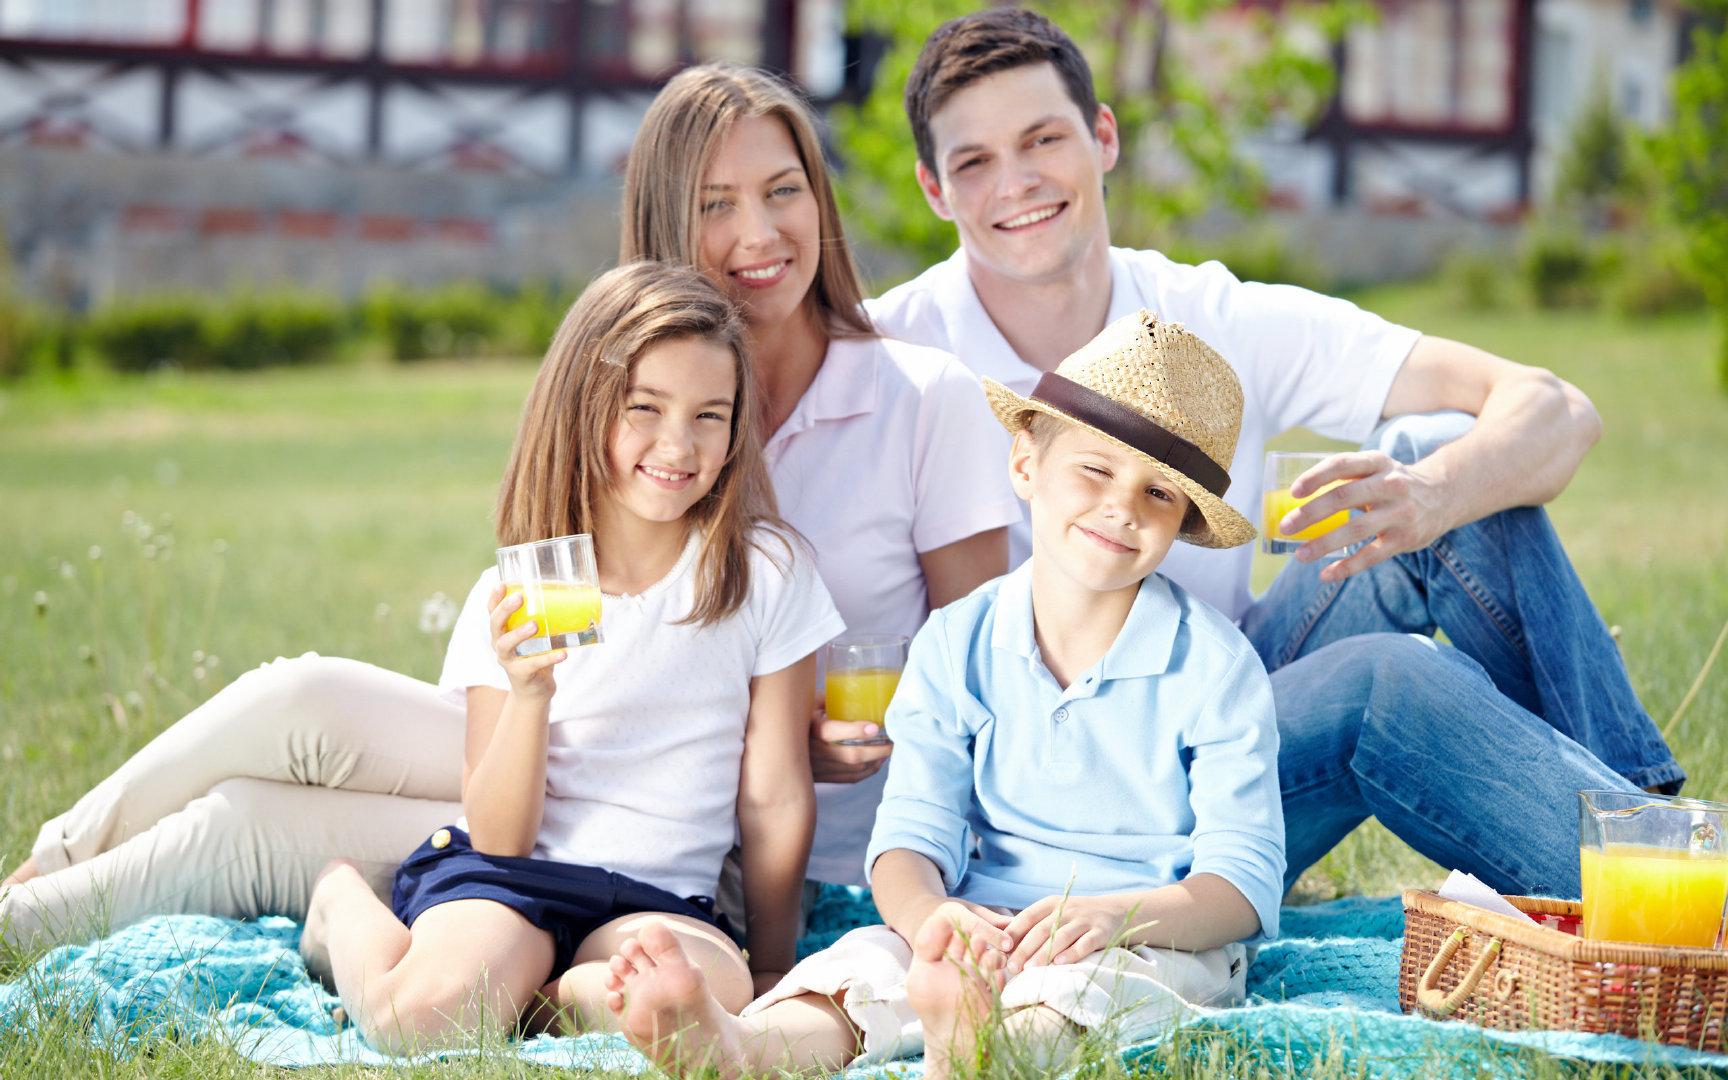 快乐家庭4K高清图片素材